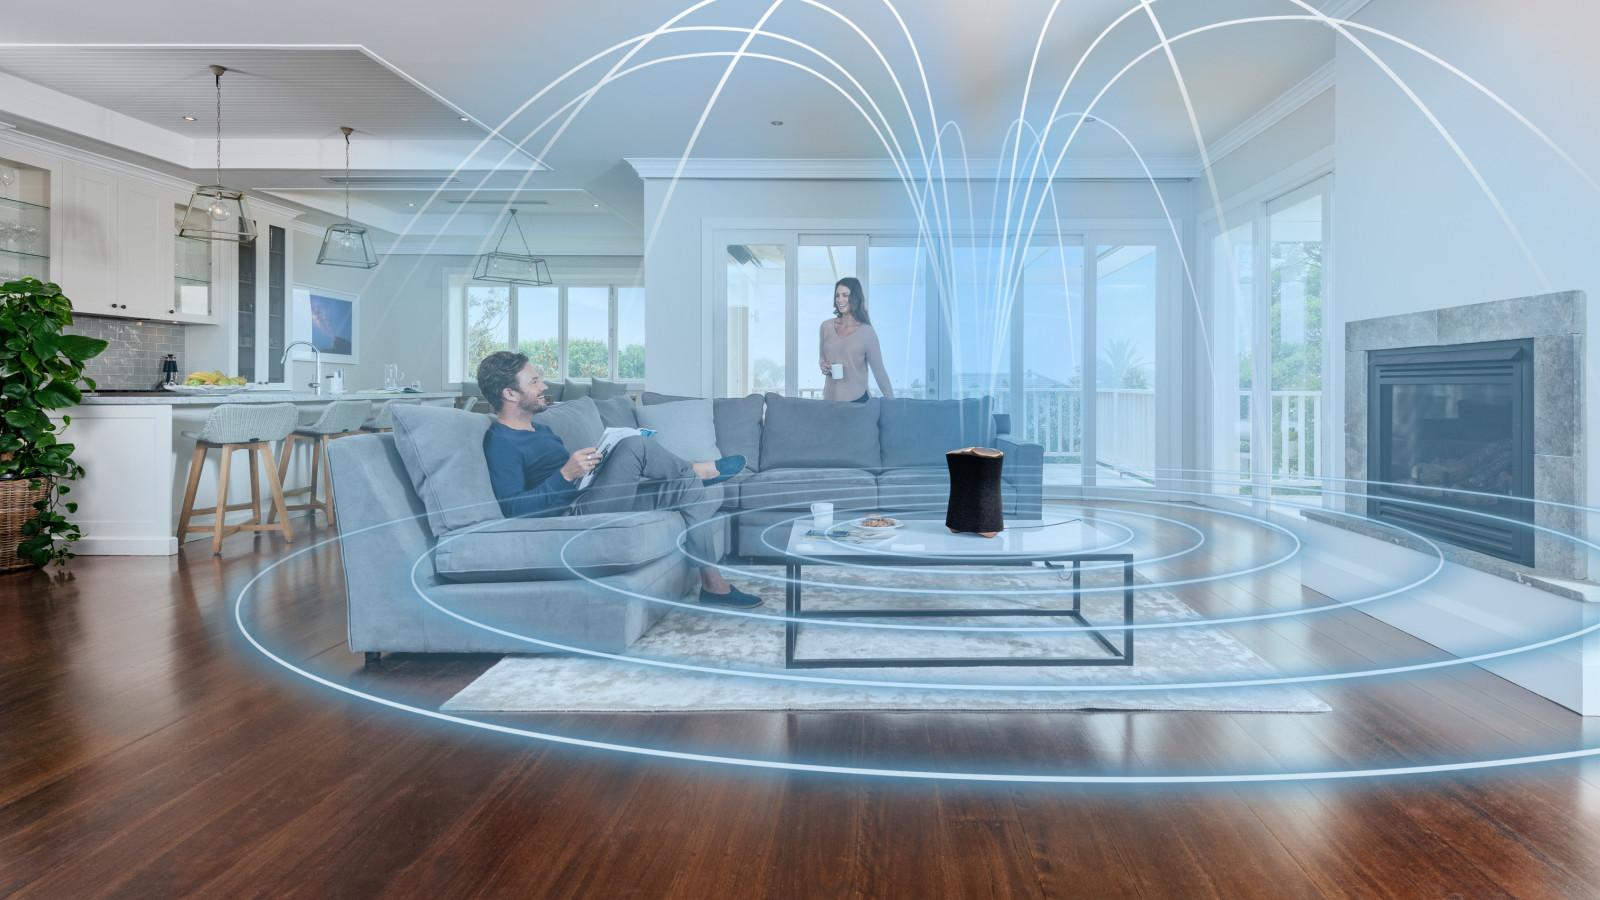 Erstmals setzt Sony auch bei seinen Lautsprechern auf 360 Reality Audio